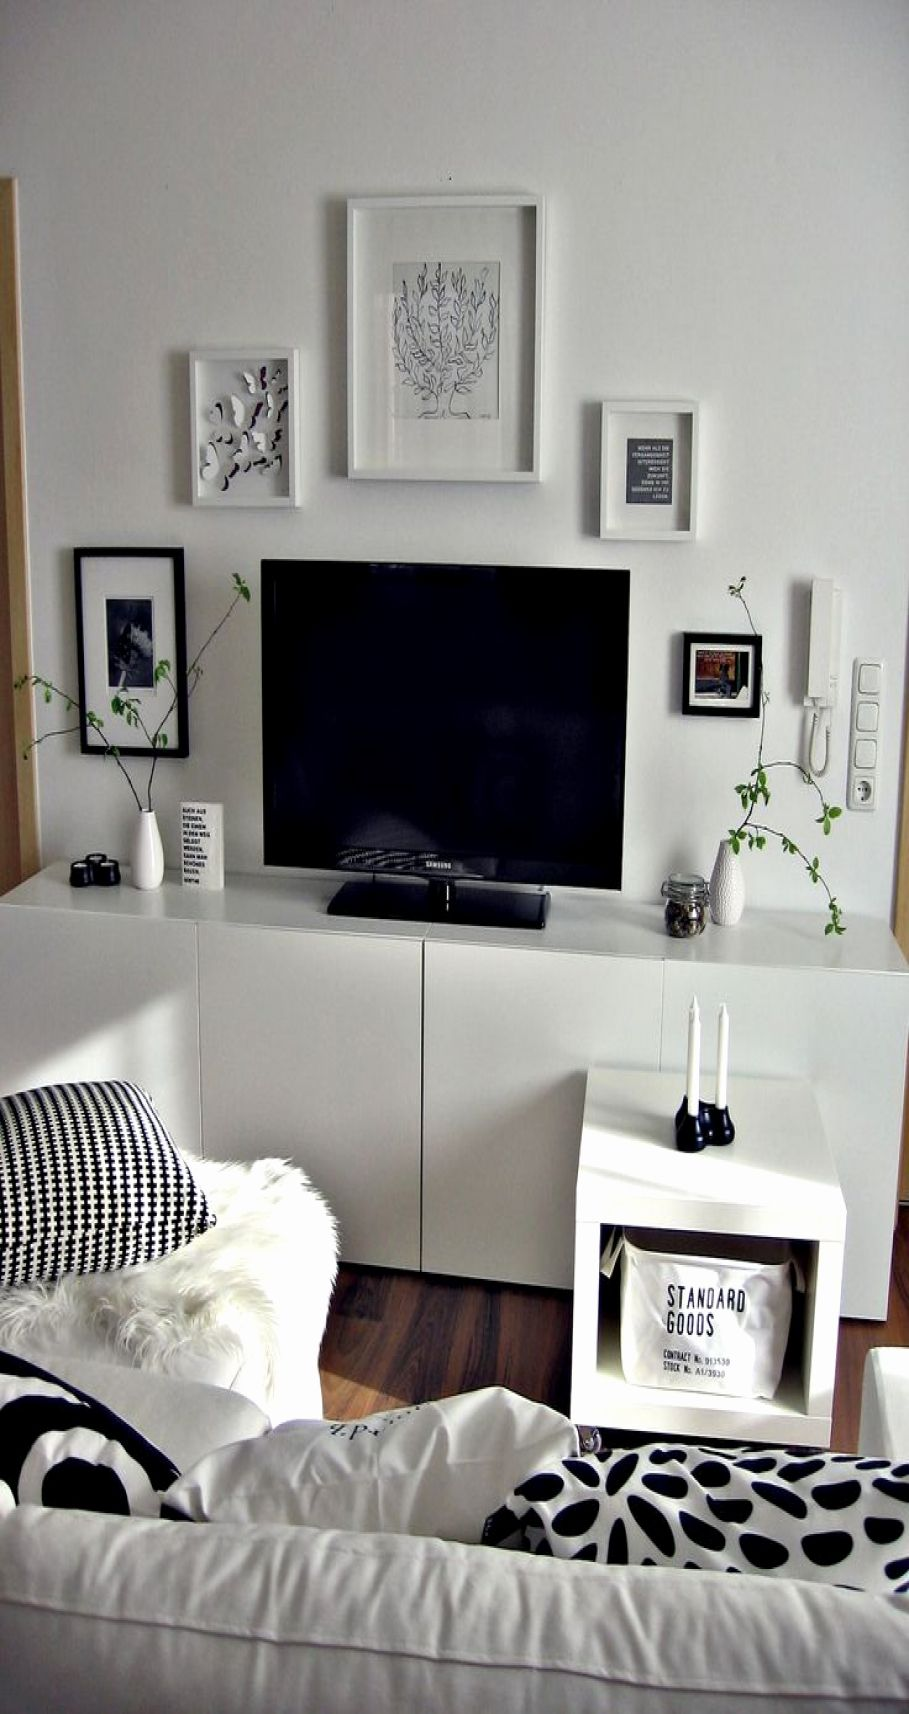 28 Inspirierend Ikea Wohnzimmer Ideen I 2020 Stue Hus Innredning Interior